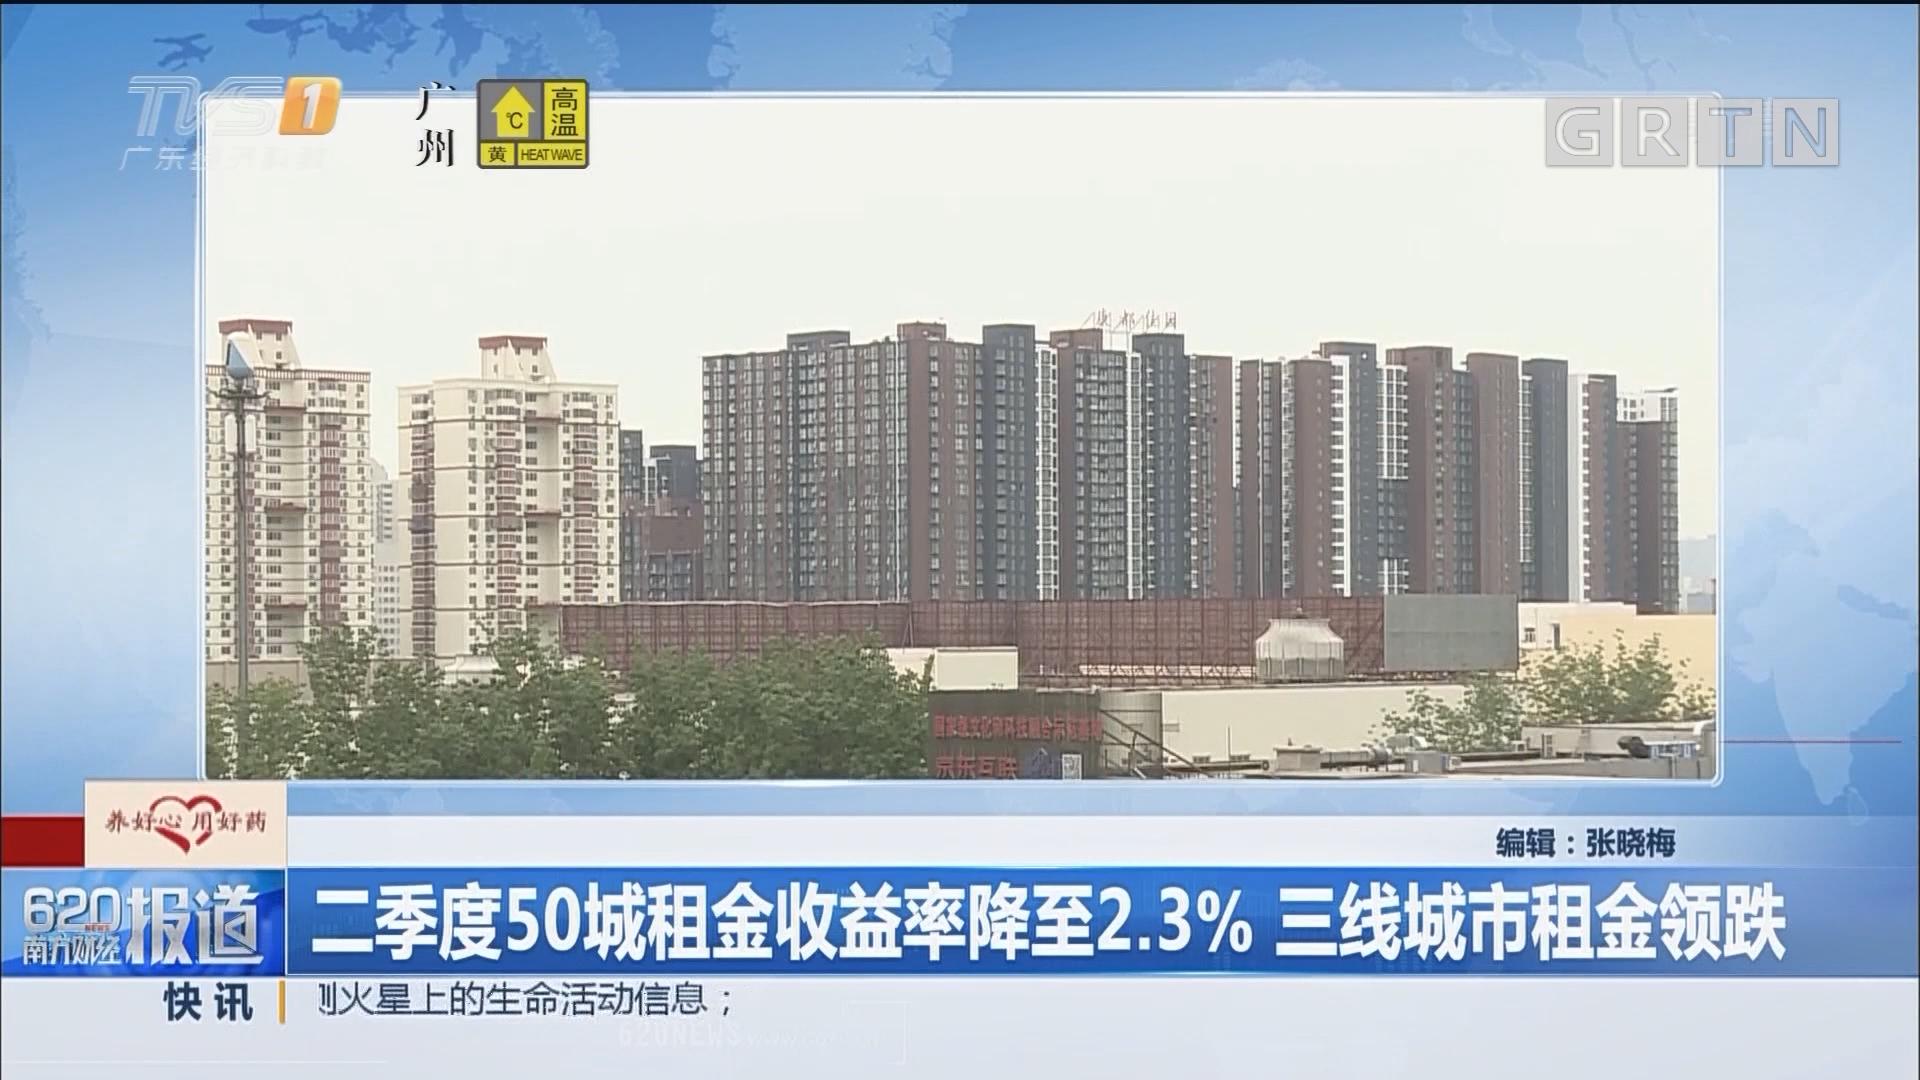 二季度50城租金收益率降至2.3% 三线城市租金领跌